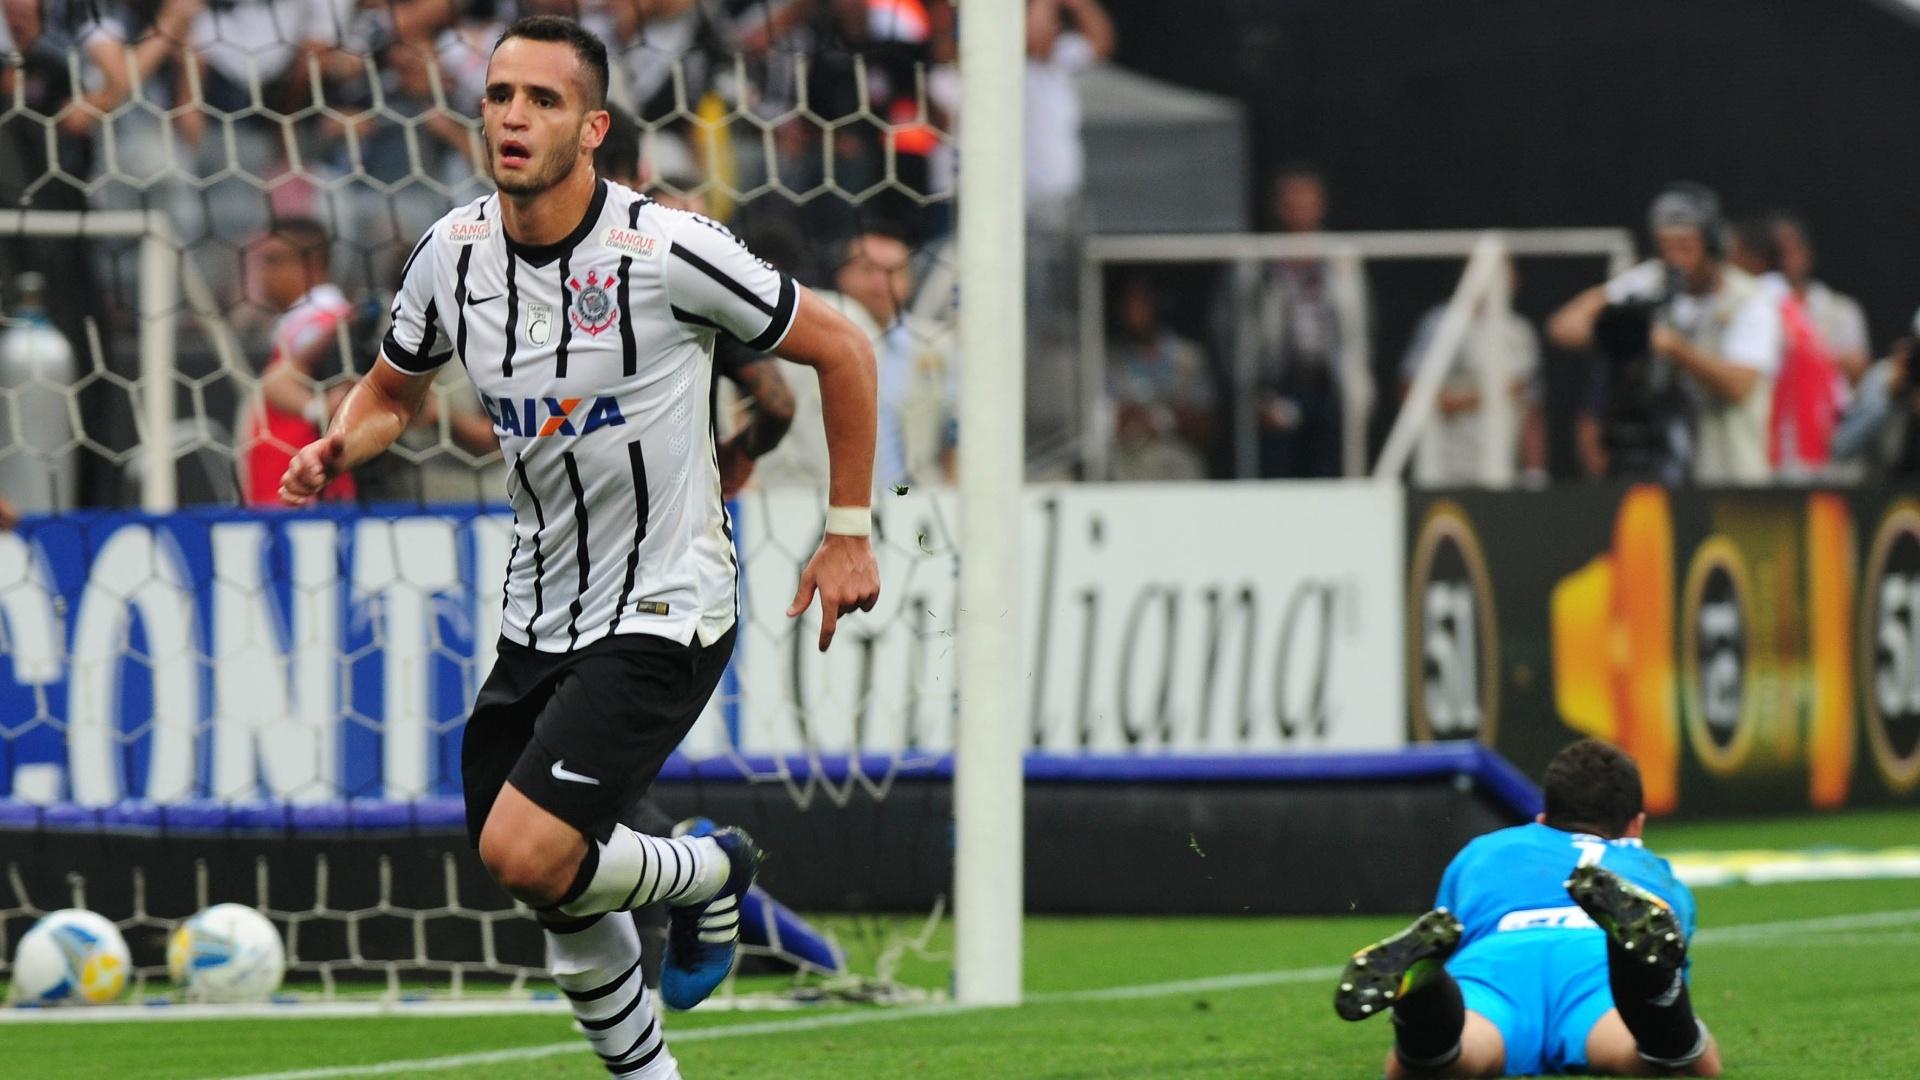 Renato Augusto celebra após finalizar jogada dentro da área e abrir o placar para o Corinthians contra a Ponte